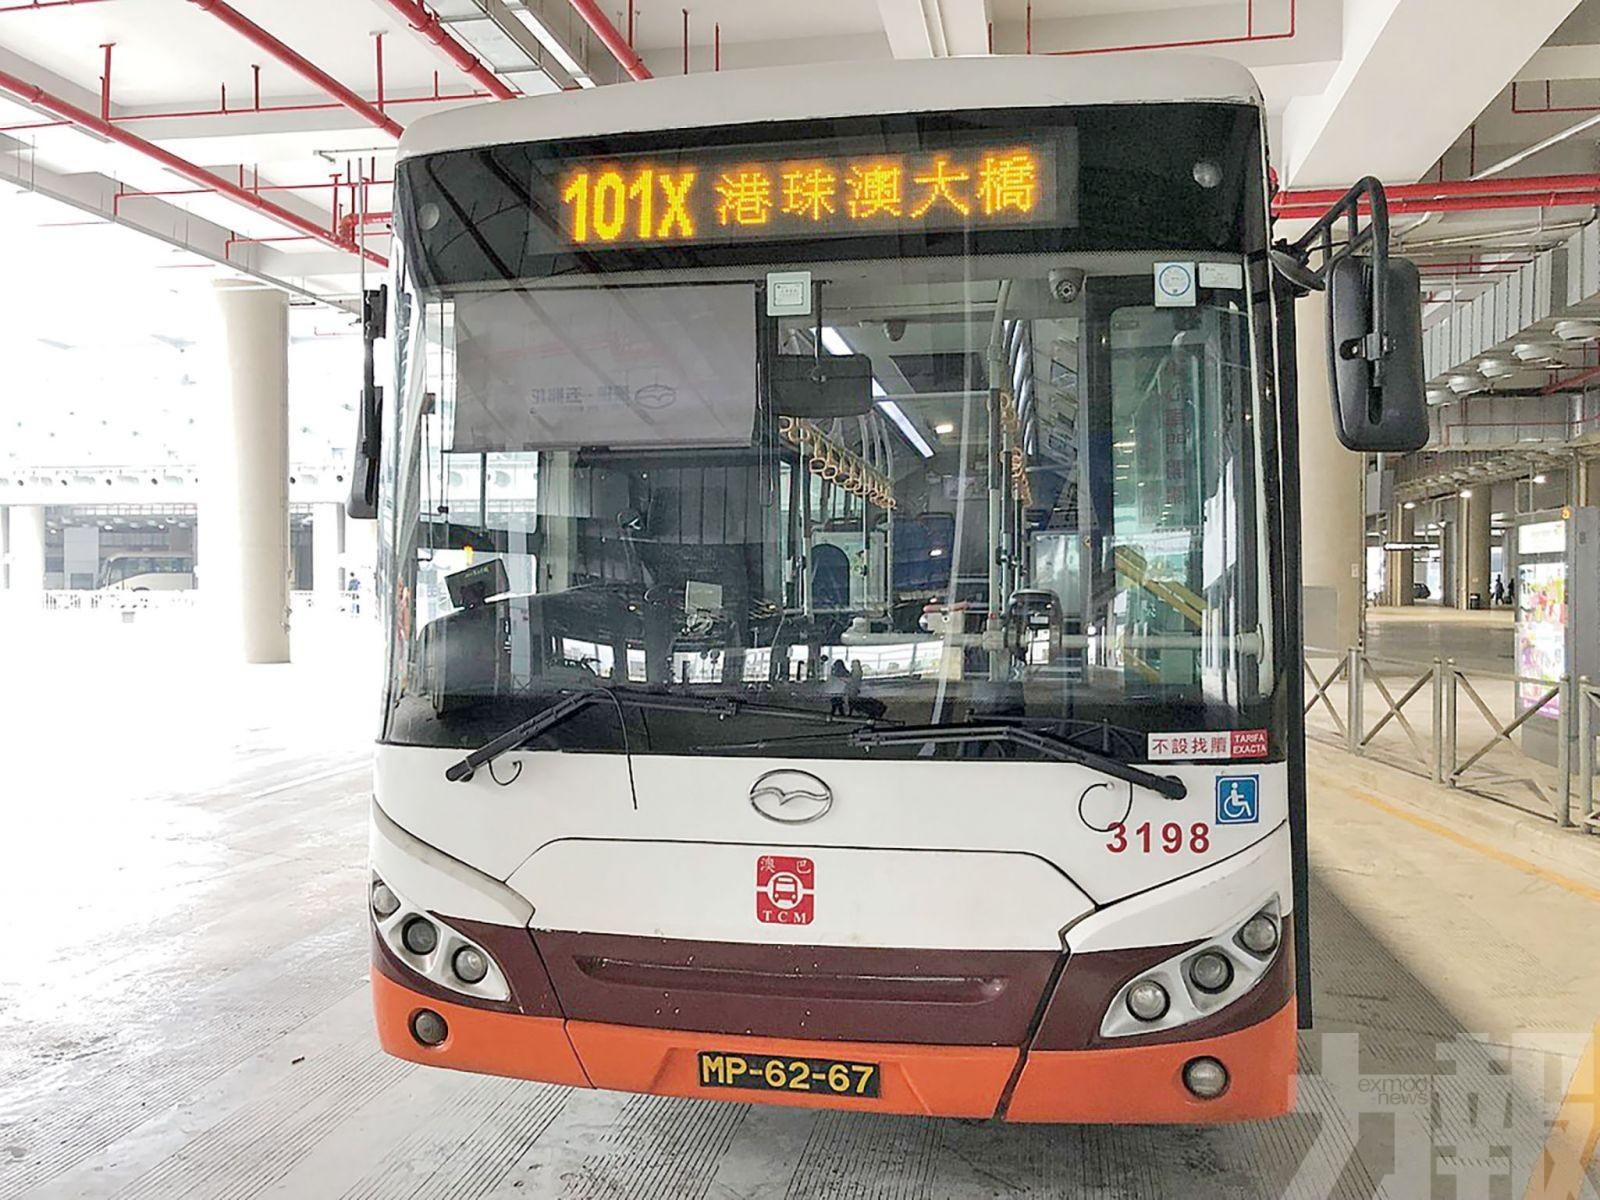 香港兩患者本月5日來澳 曾乘坐101X線巴士及金巴 - 澳門力報官網